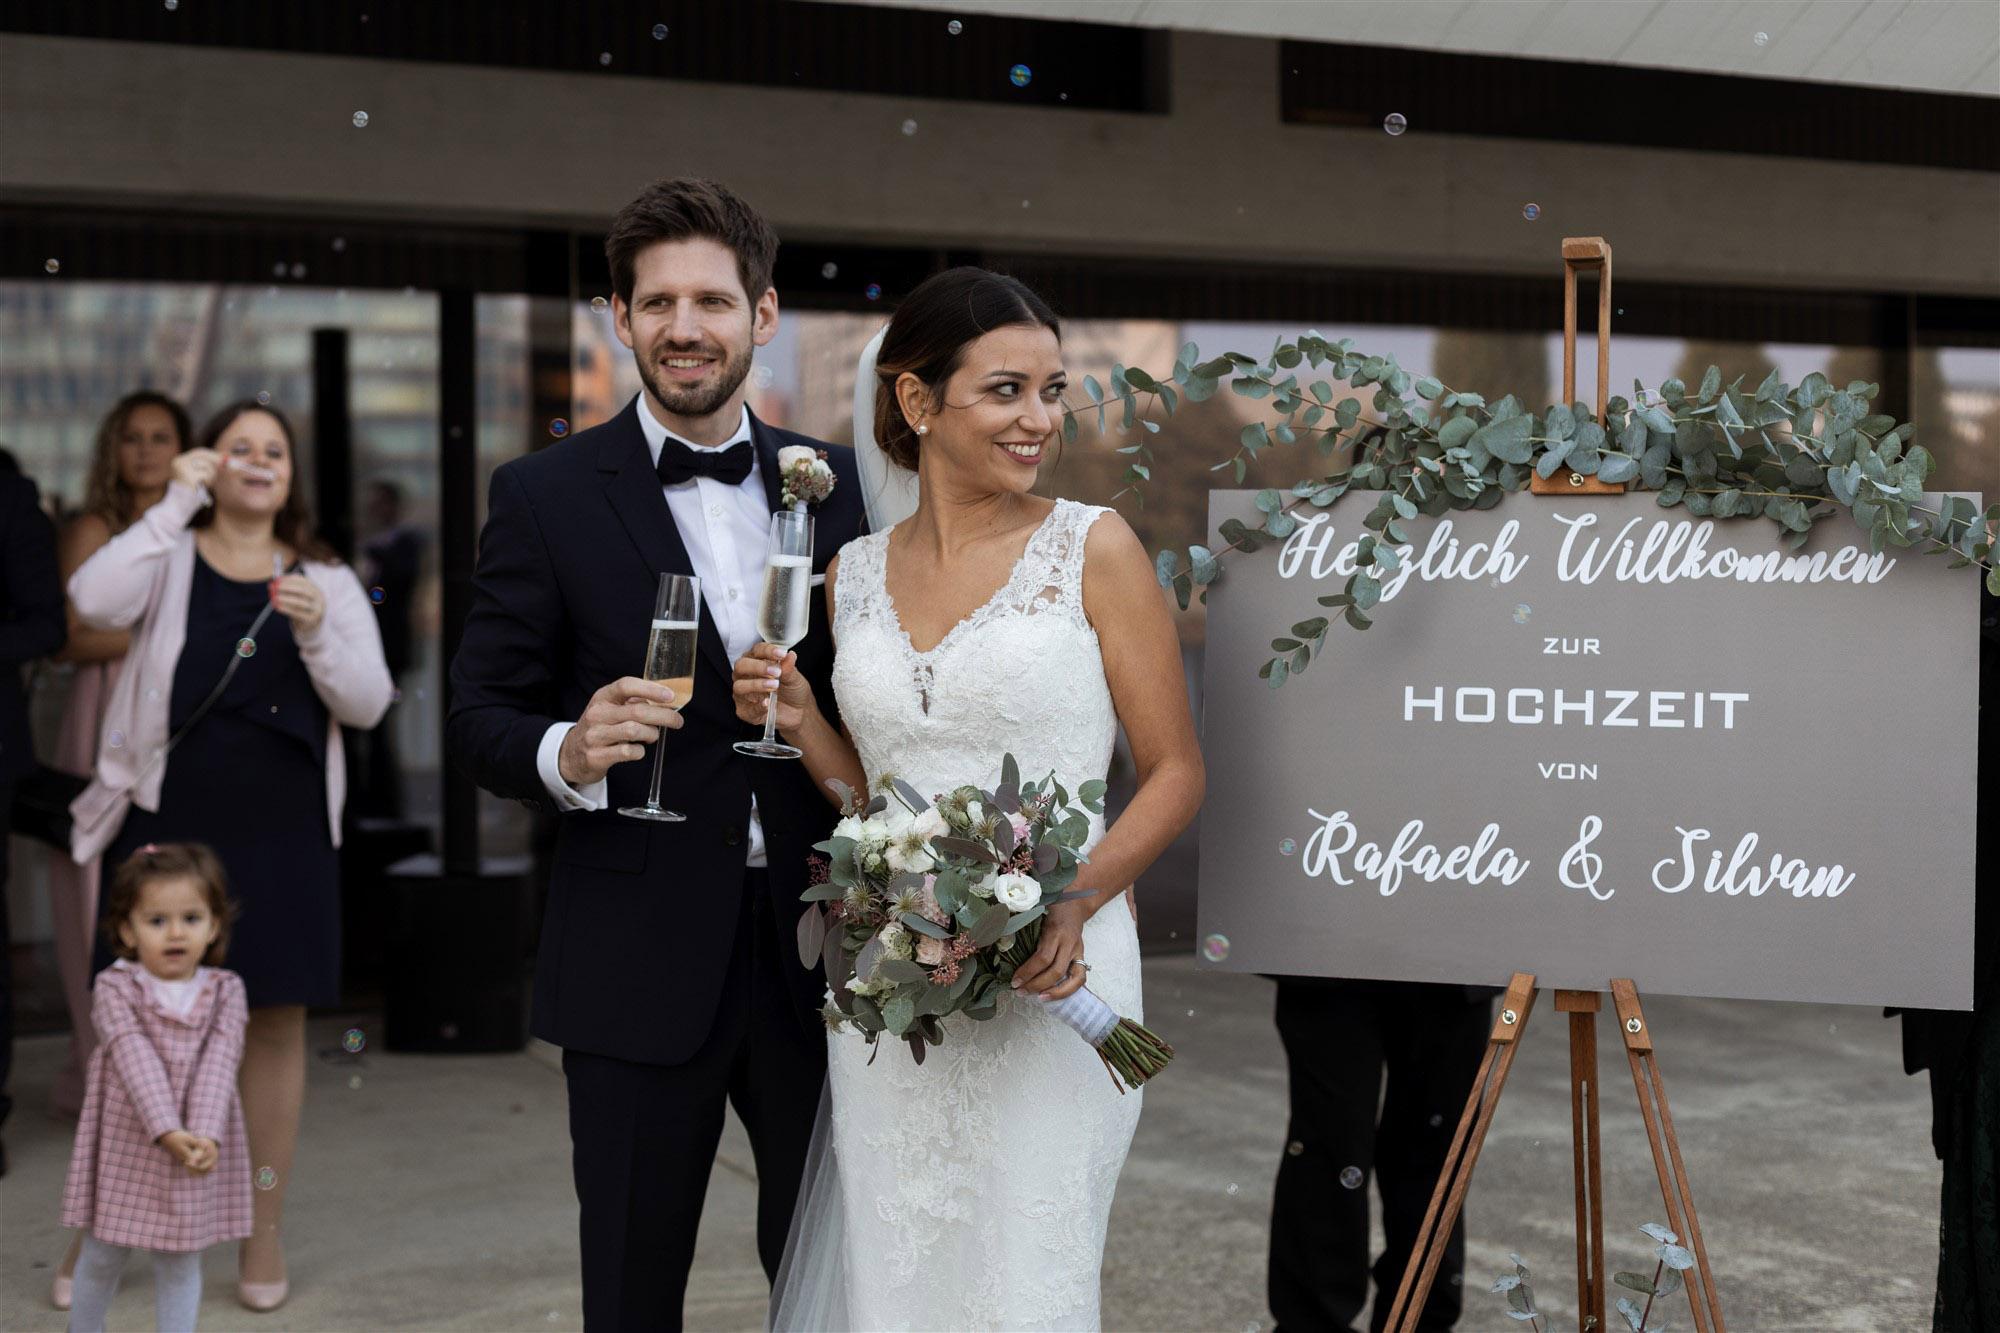 Das Brautpaar bei der Festlocation